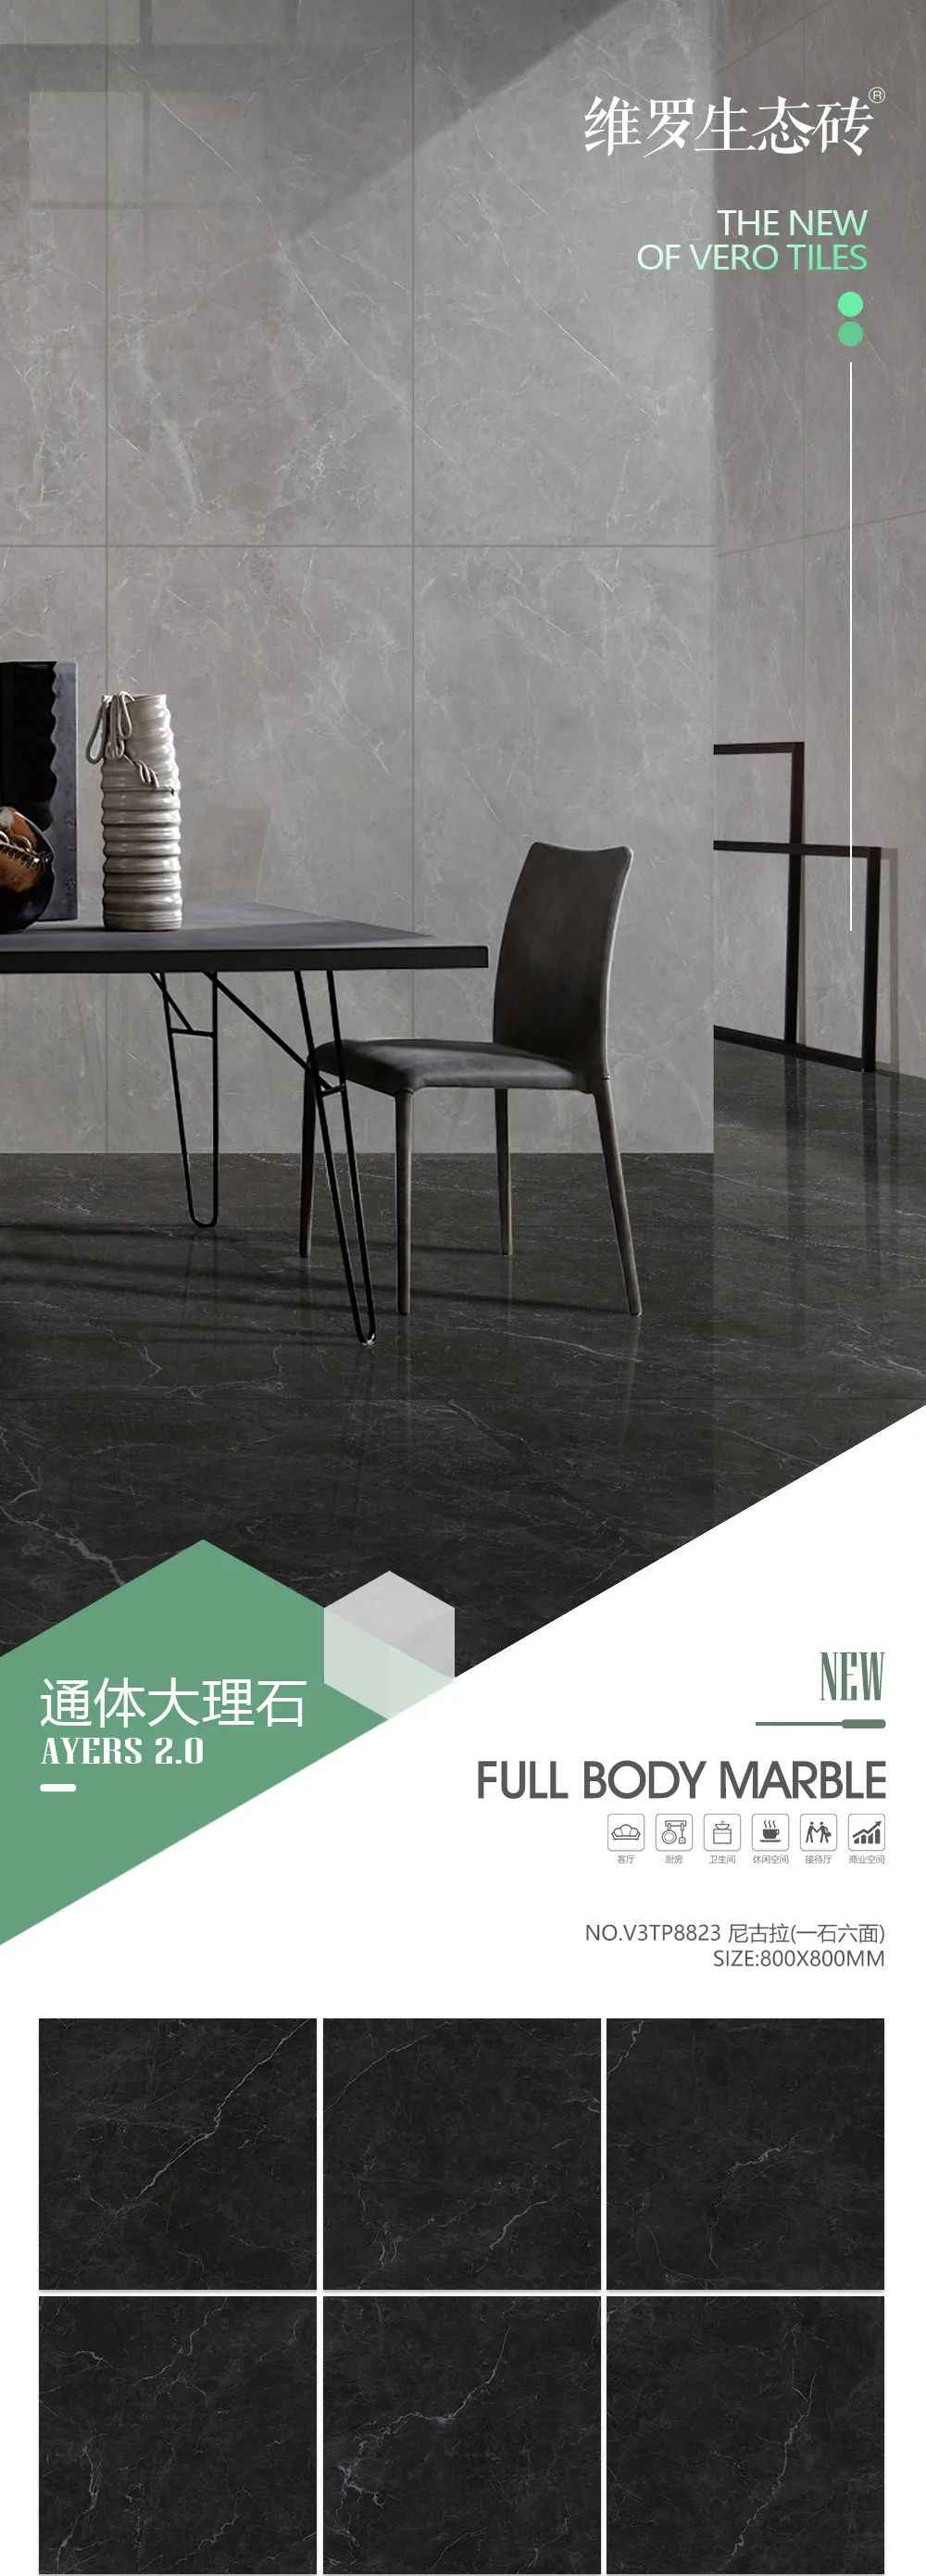 维罗生态砖新品 陶瓷装修效果图_11